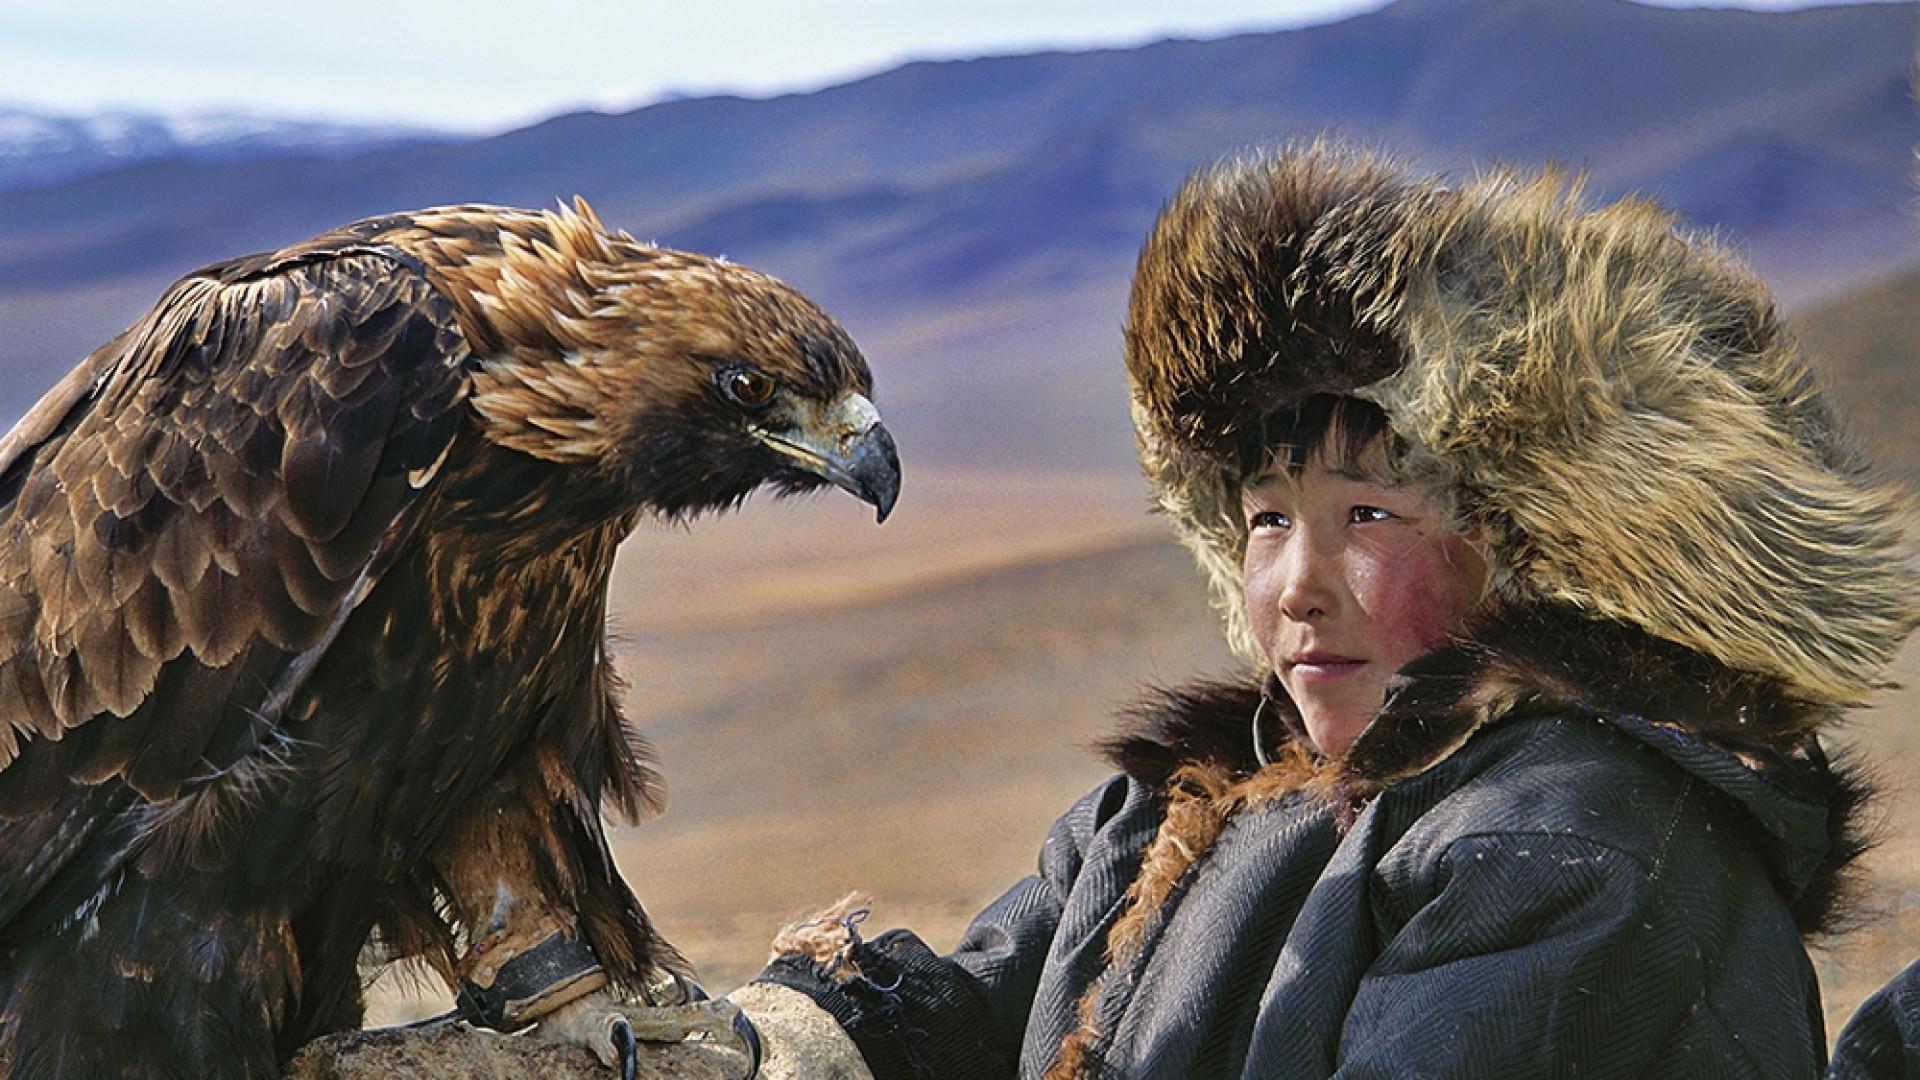 Reindeer Wallpaper Cute 10 Enlightening Snaps Of Tribal Mongolia Escapism Magazine